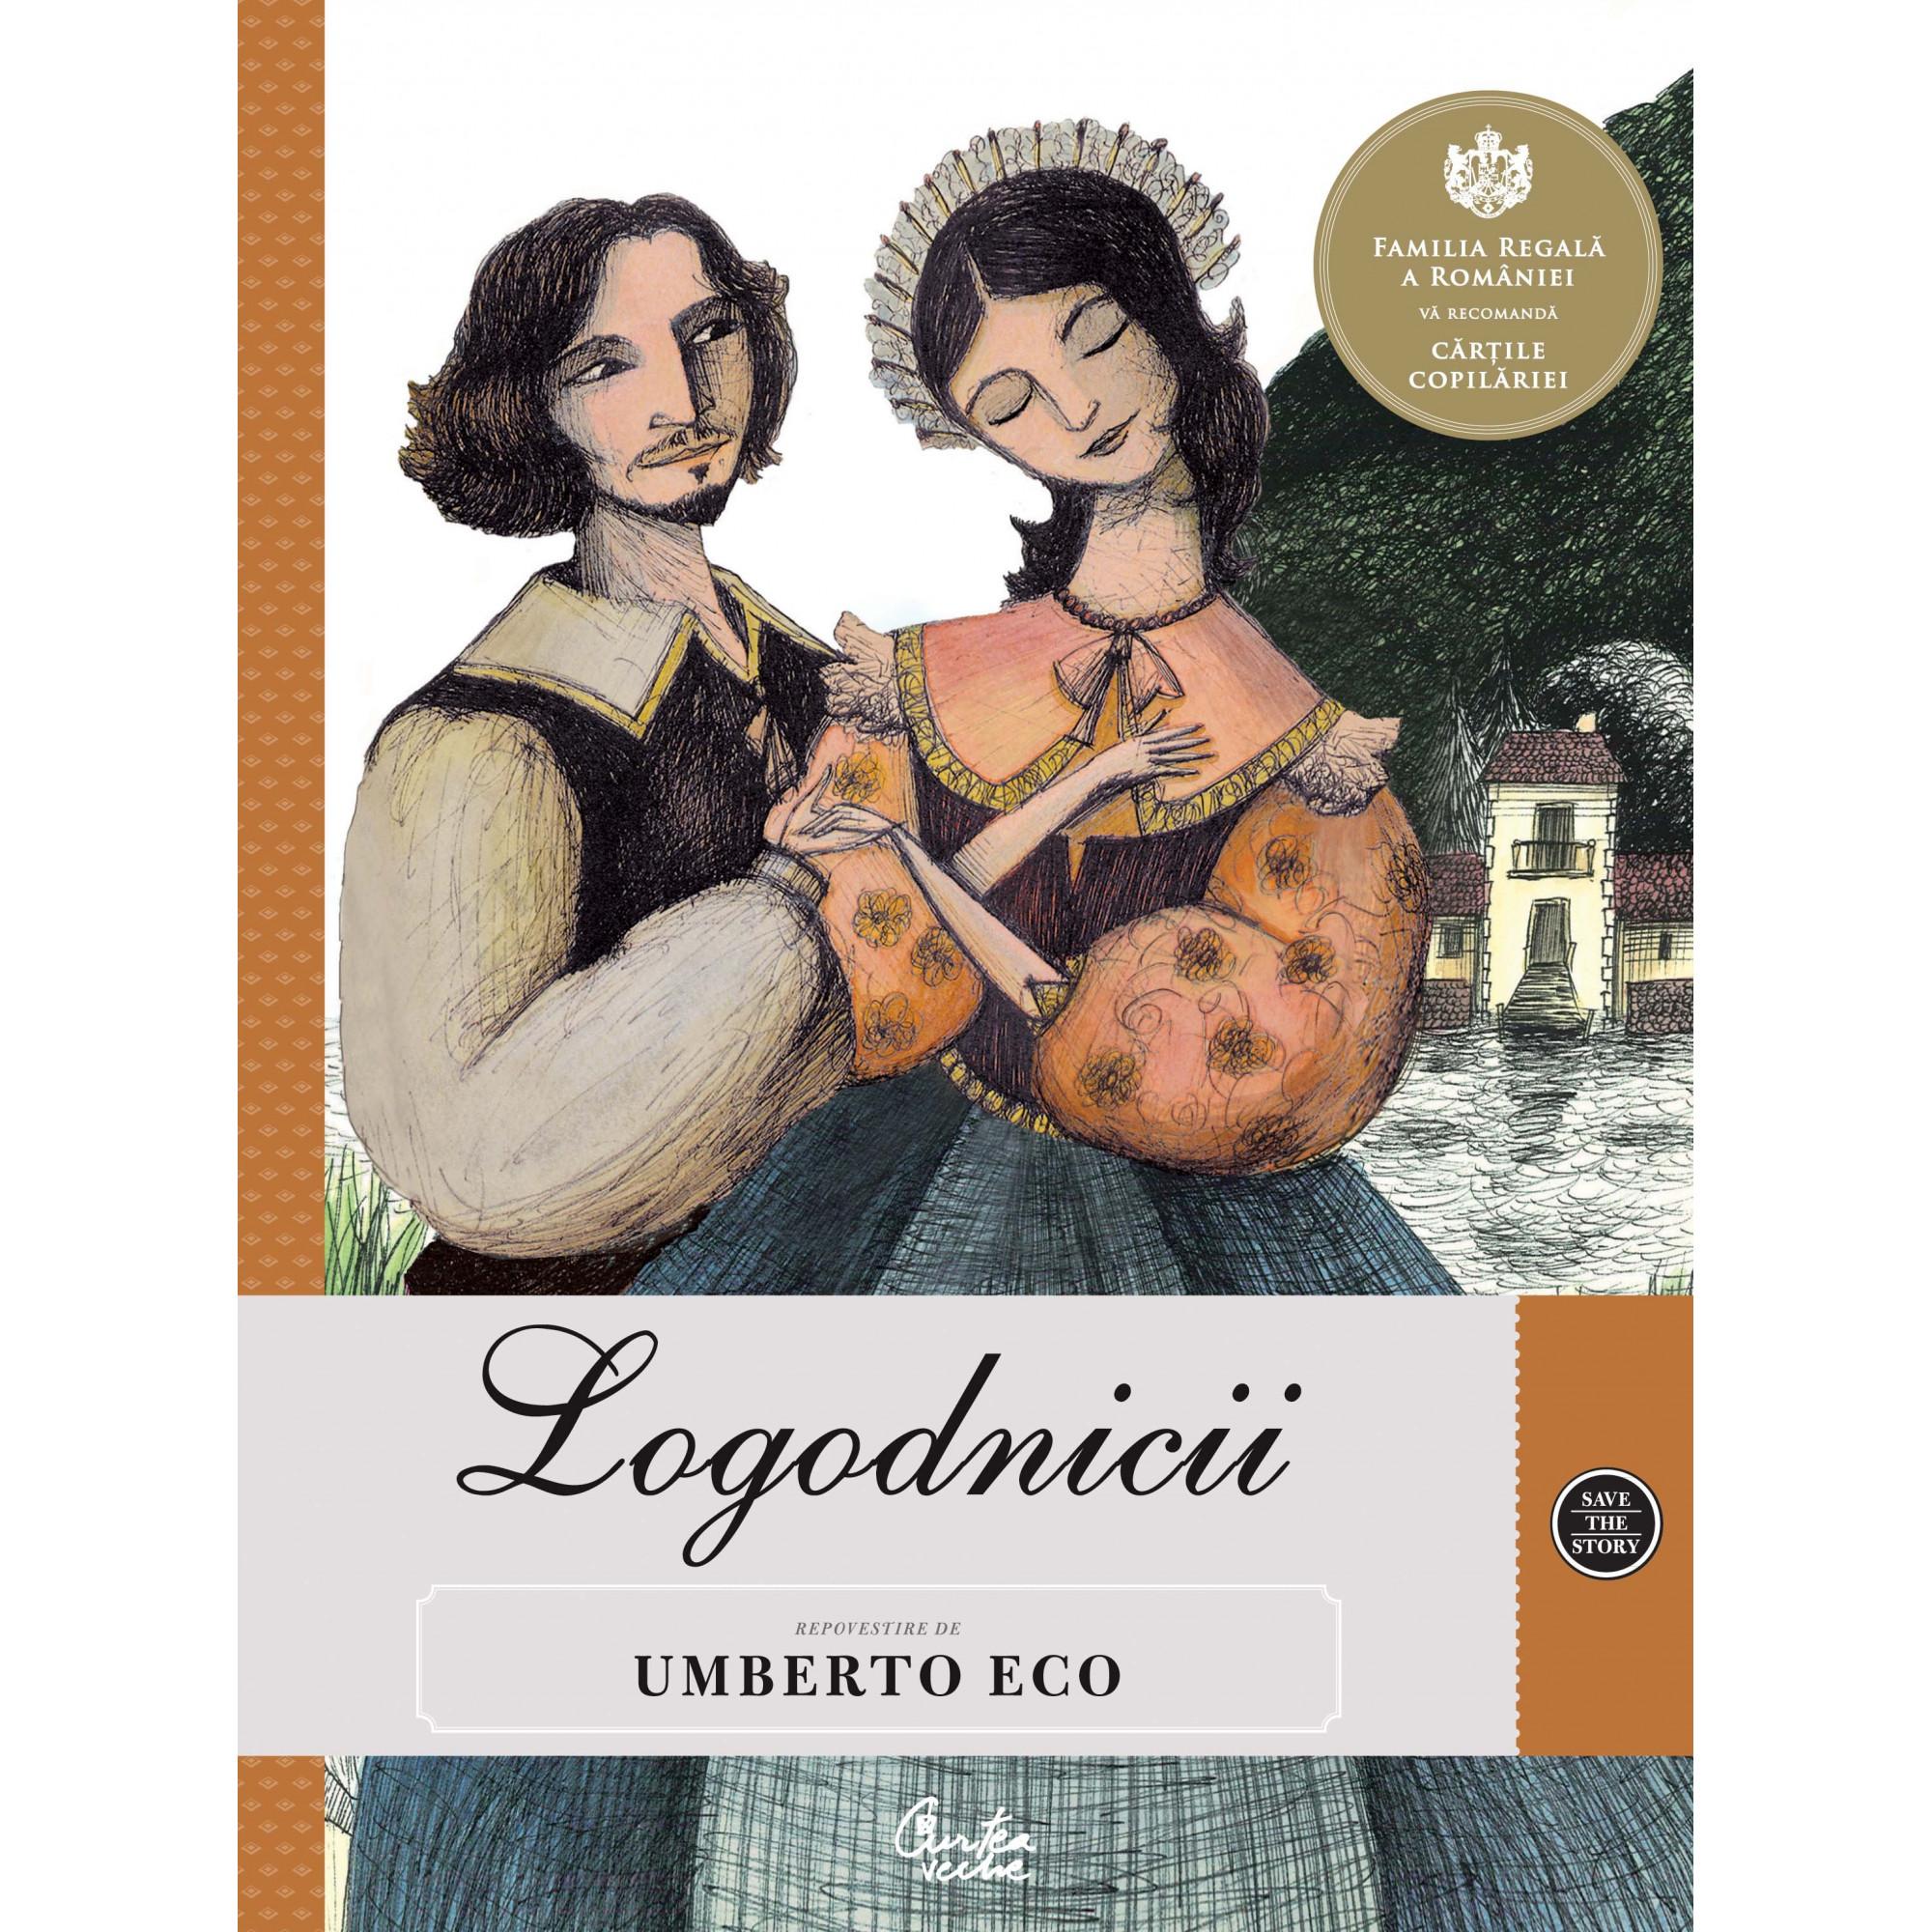 Logodnicii. Repovestire de Umberto Eco după romanul lui Alessandro Manzoni